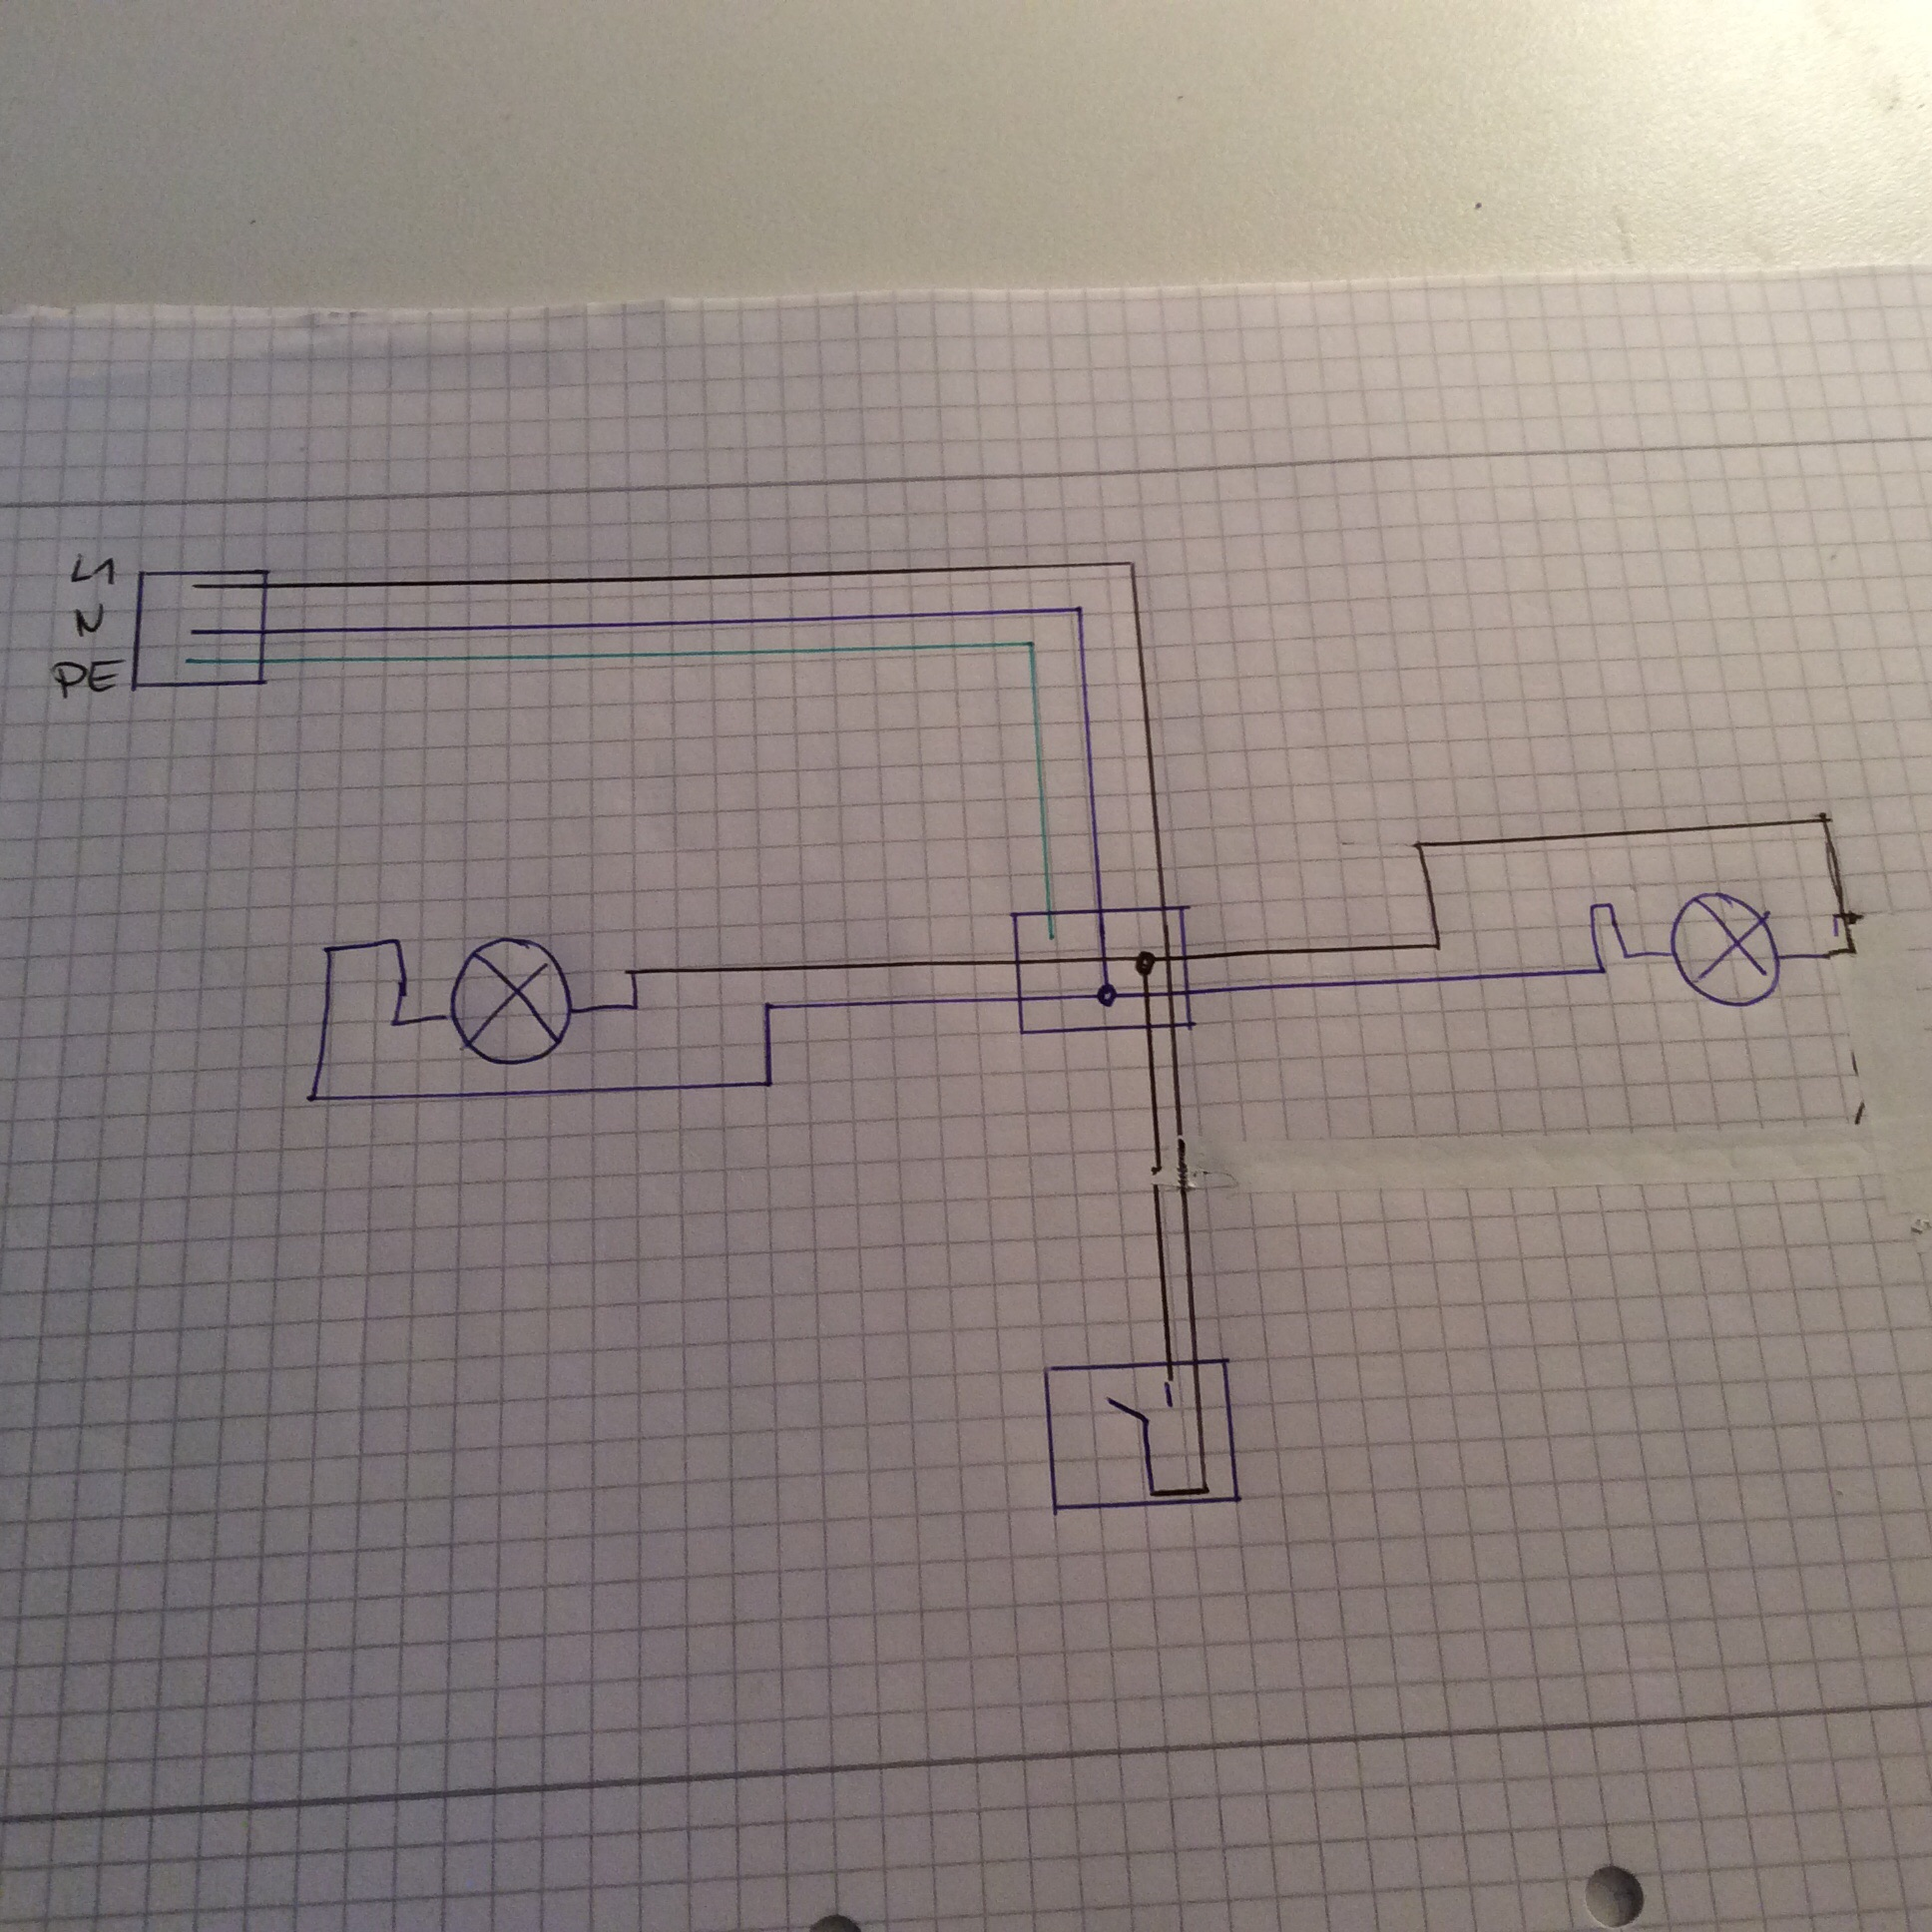 2 Lampen mit einem Schalter betätigen ? (Lampe)